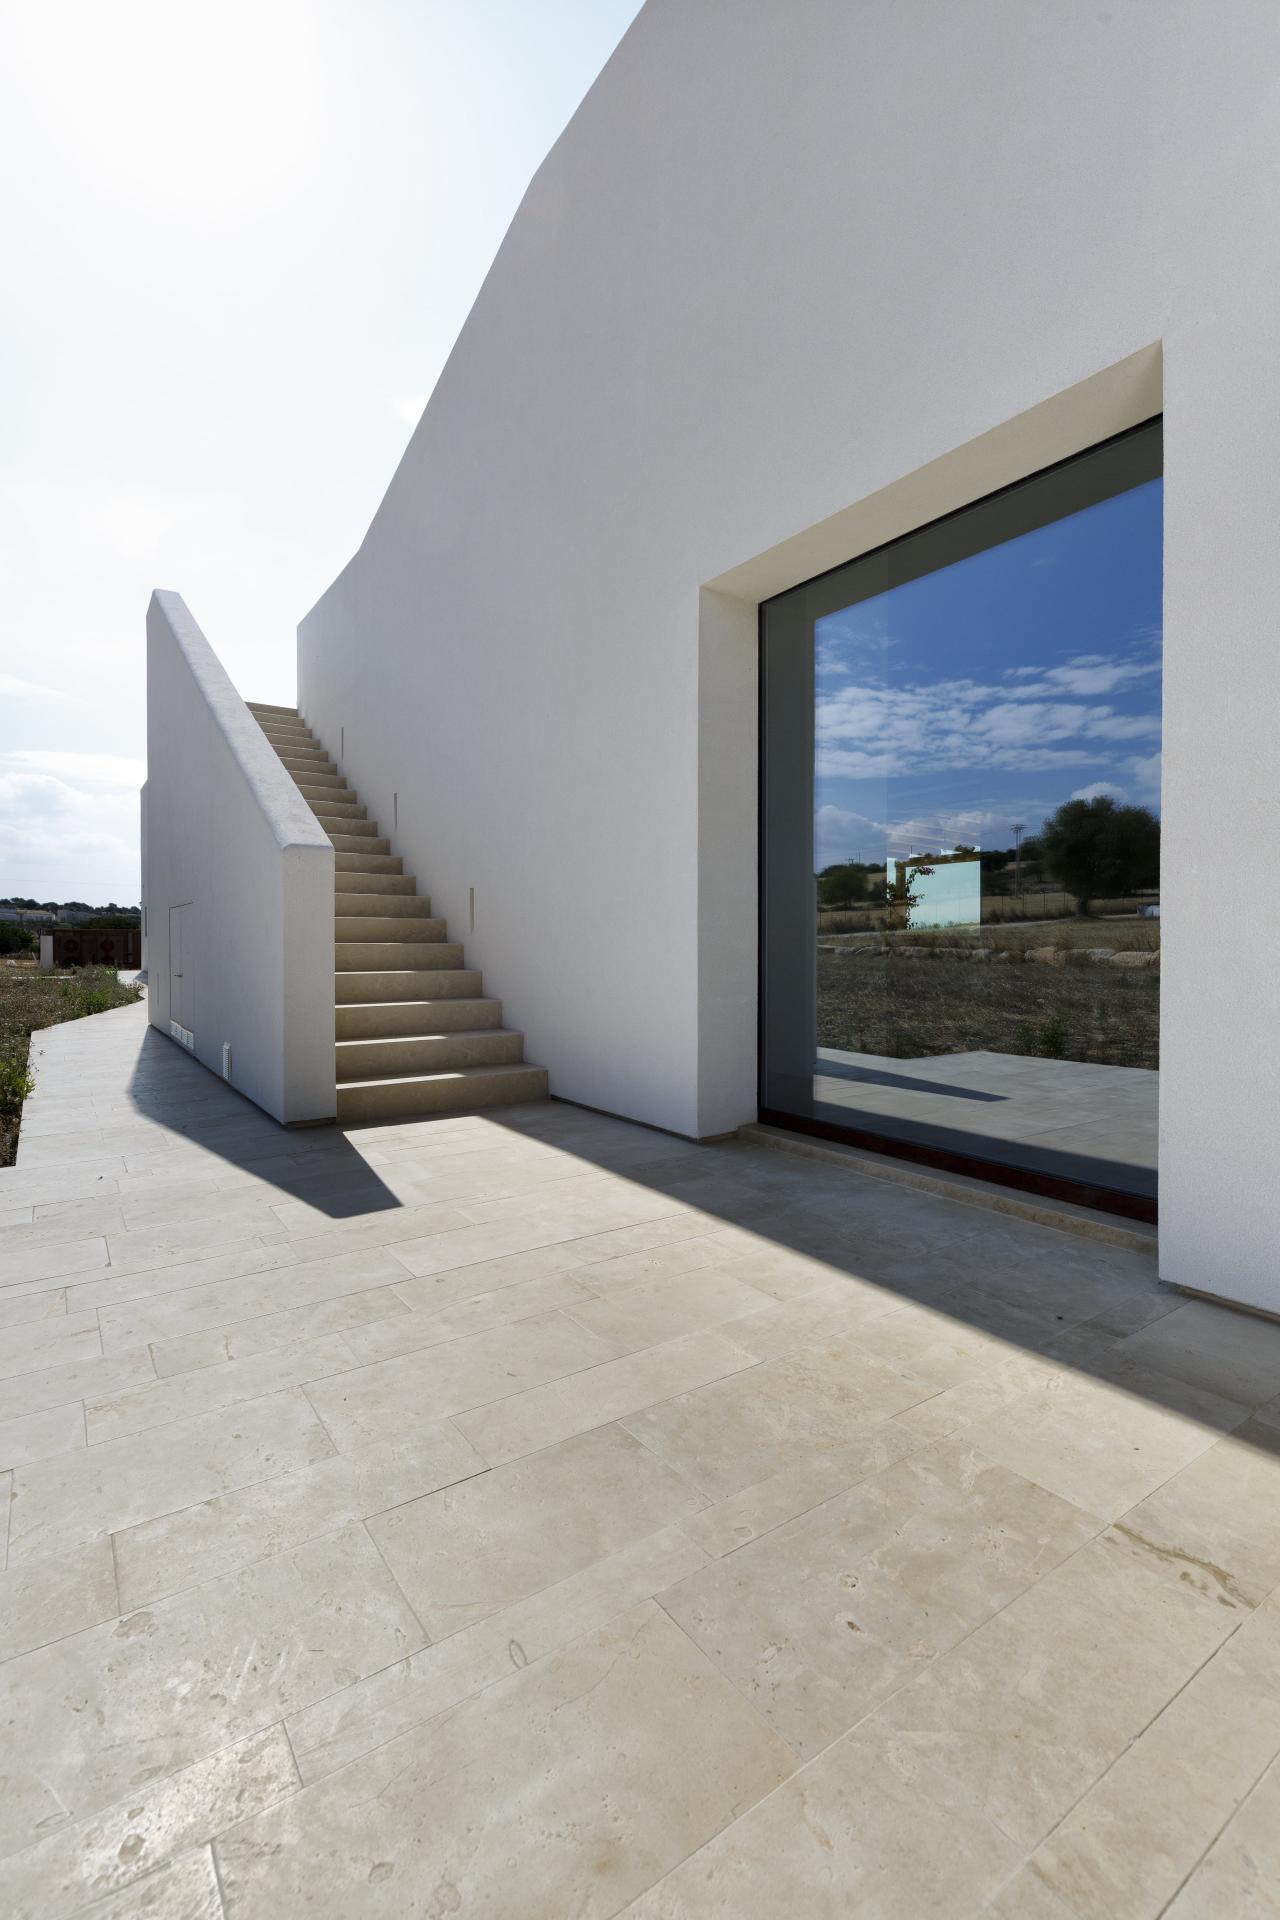 Villa dei sorrisi - image 3